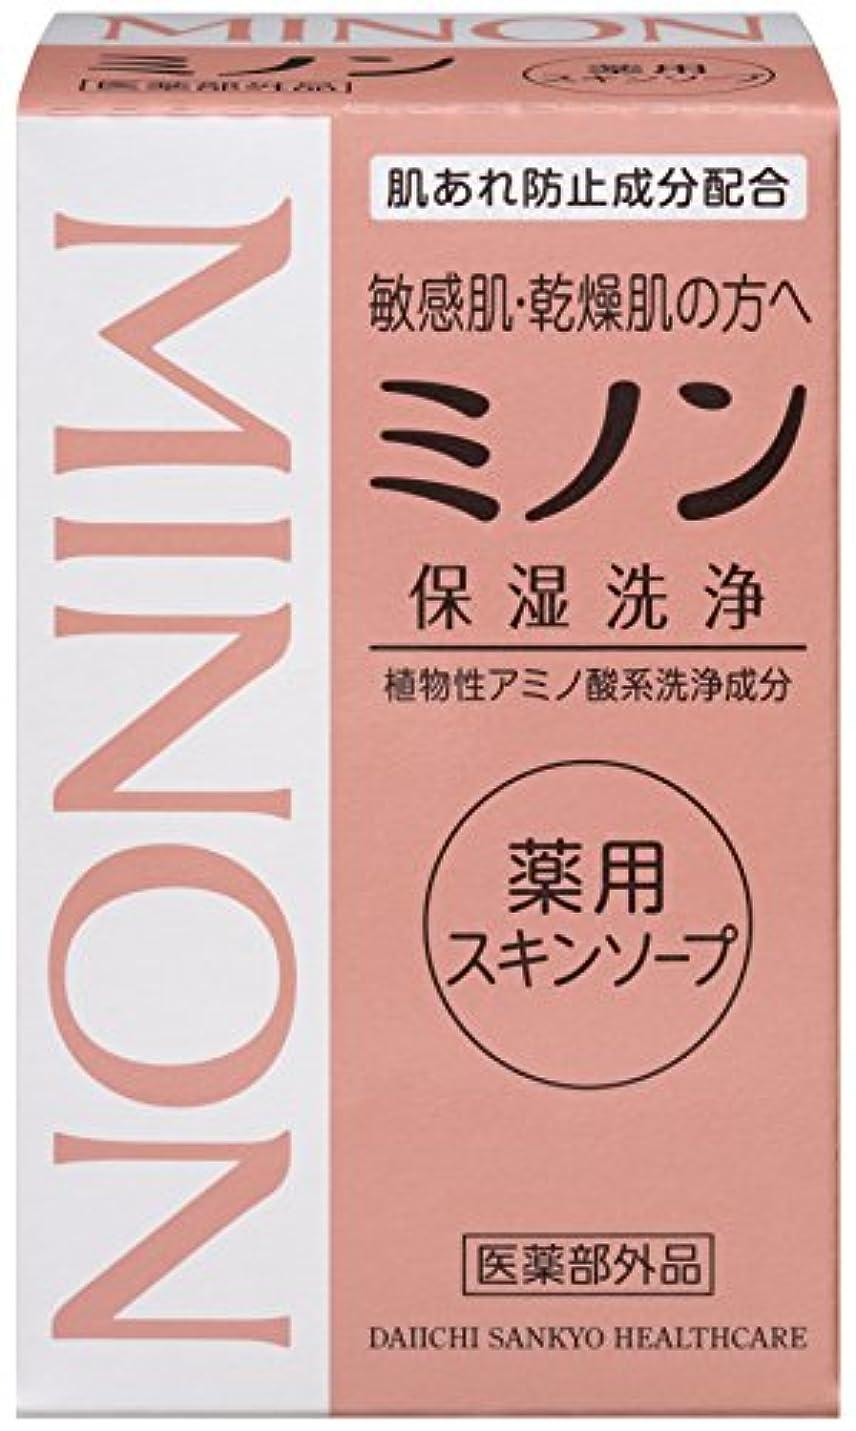 噴火石プレゼンテーションMINON(ミノン) 薬用スキンソープ 80g 【医薬部外品】